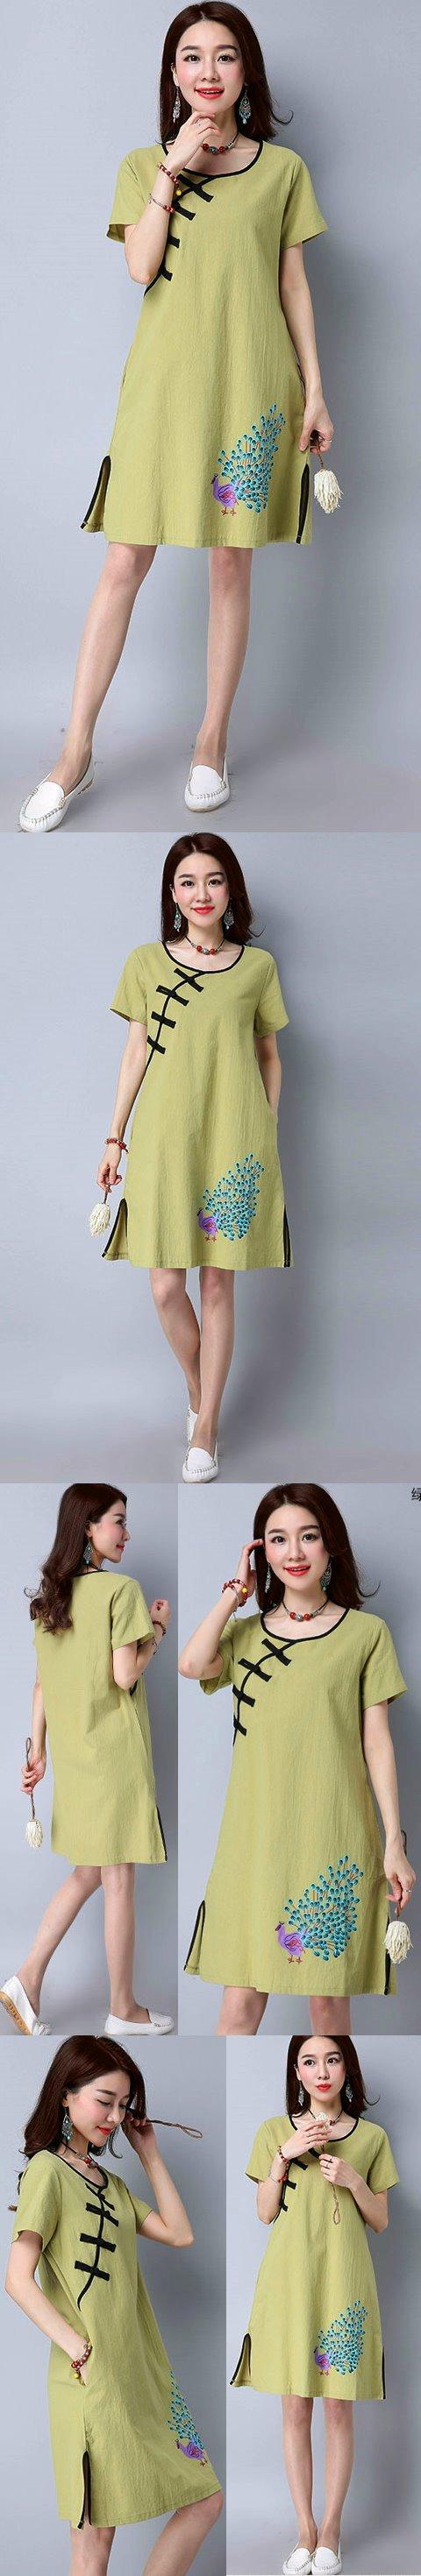 民族風情碗袖連衣裙-淺綠色 (成衣)